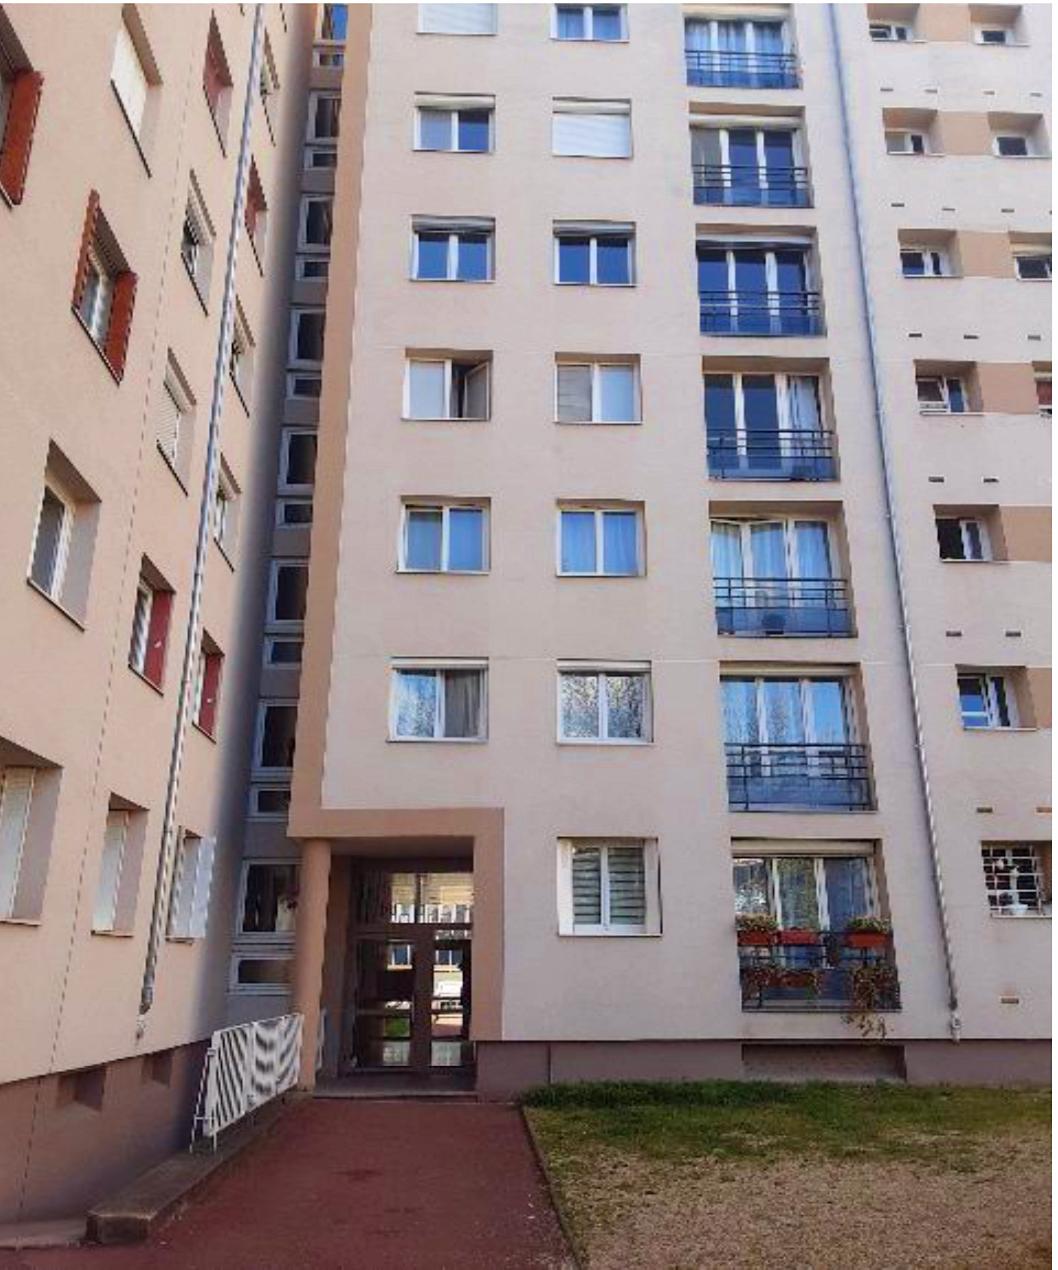 Loue appartement deux pièces 40m² - Issy les Moulineaux (92)